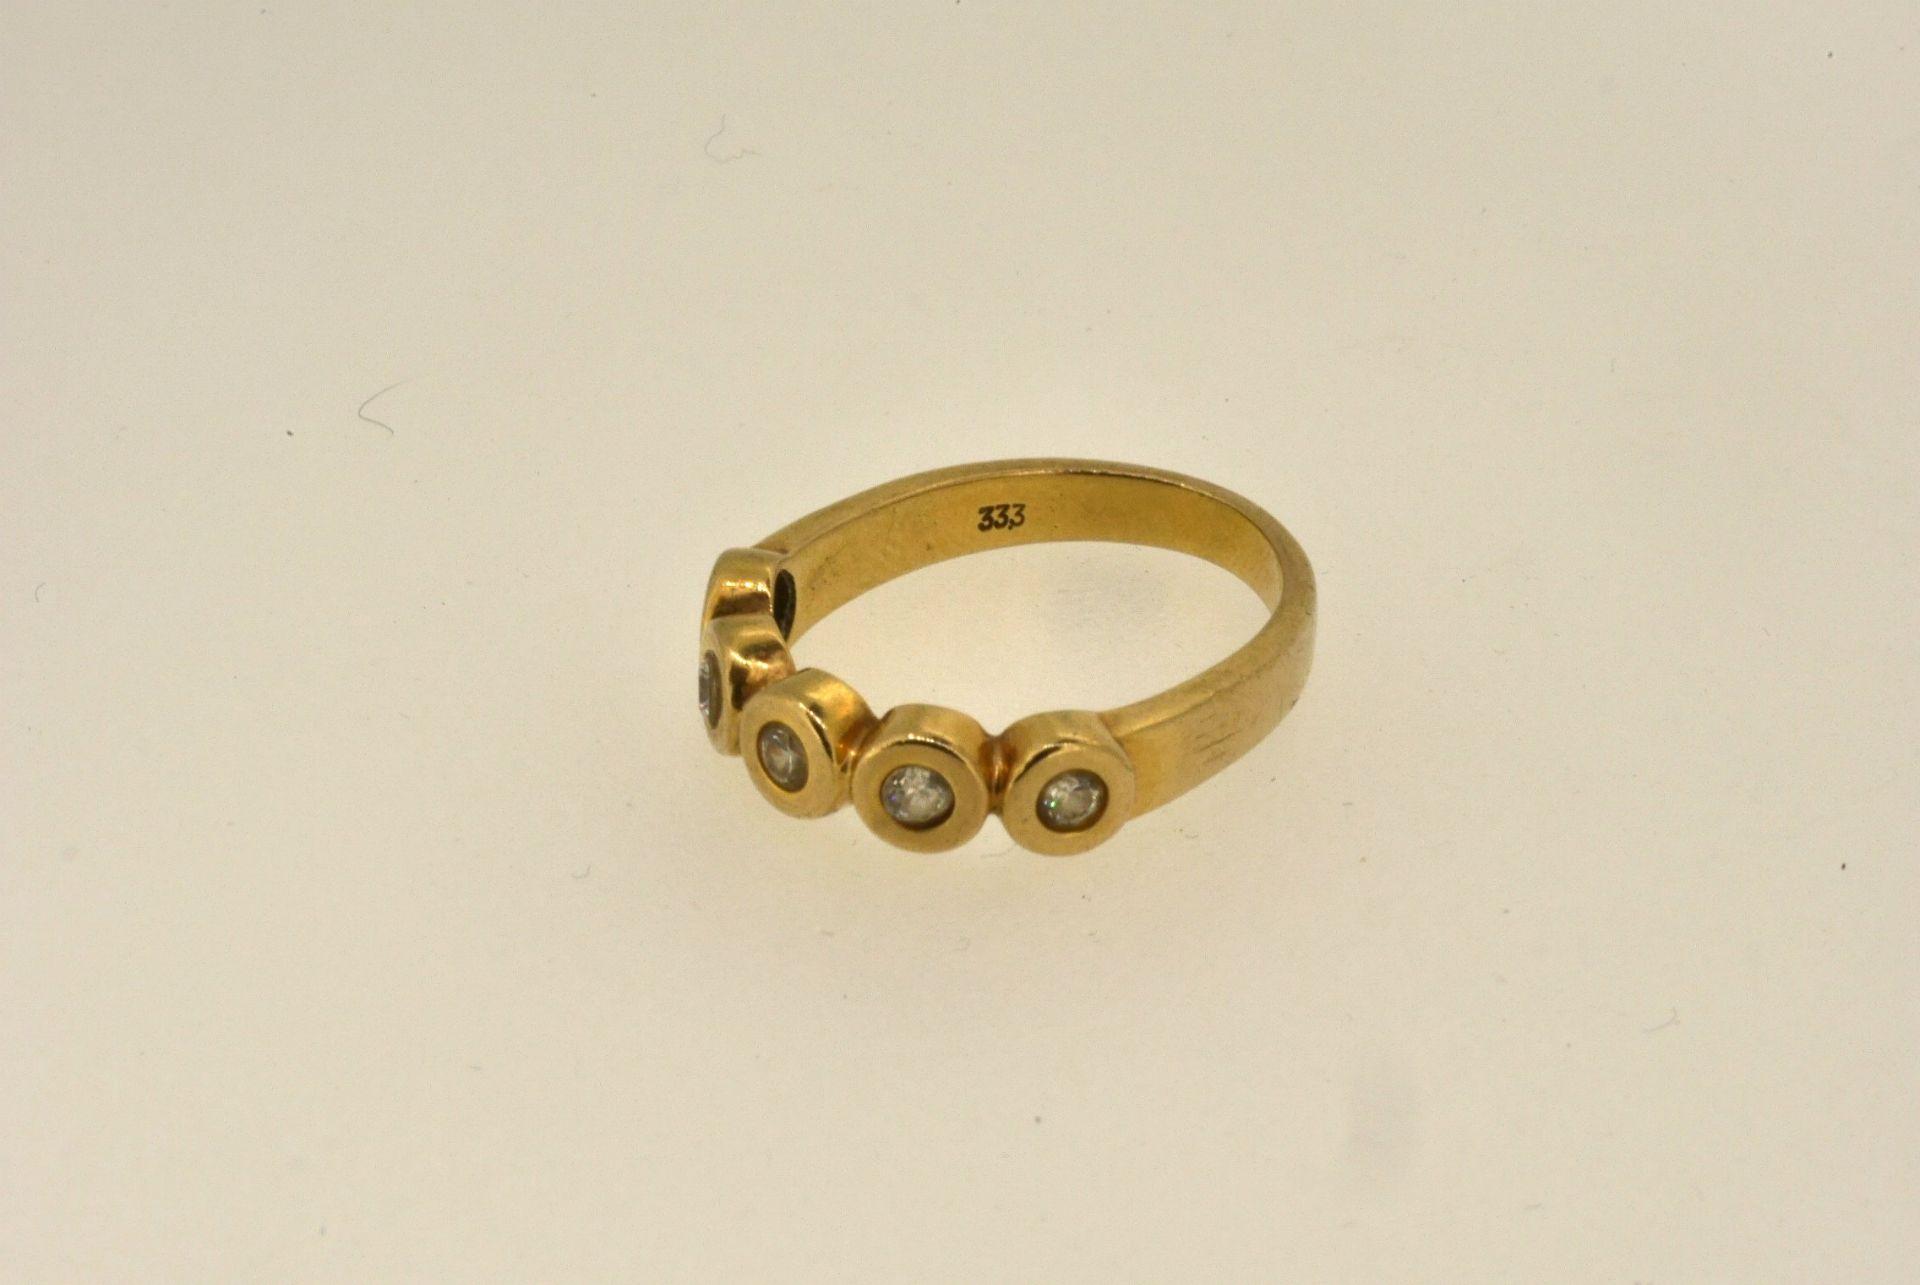 Ring GG 333, Zirkonia, 3,36 Gramm - Bild 4 aus 4